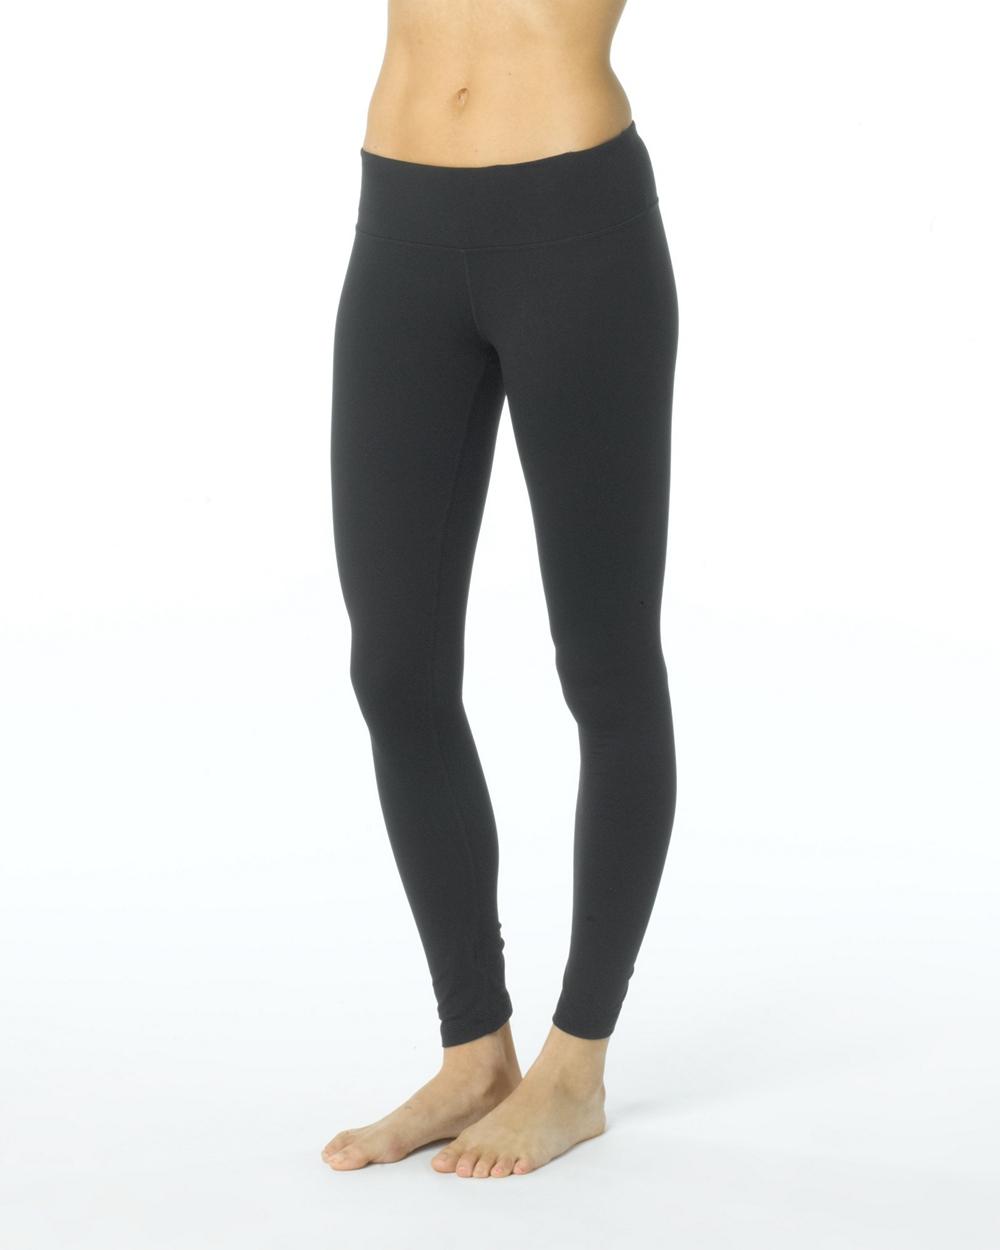 prAna Misty Leggings Workout Legging